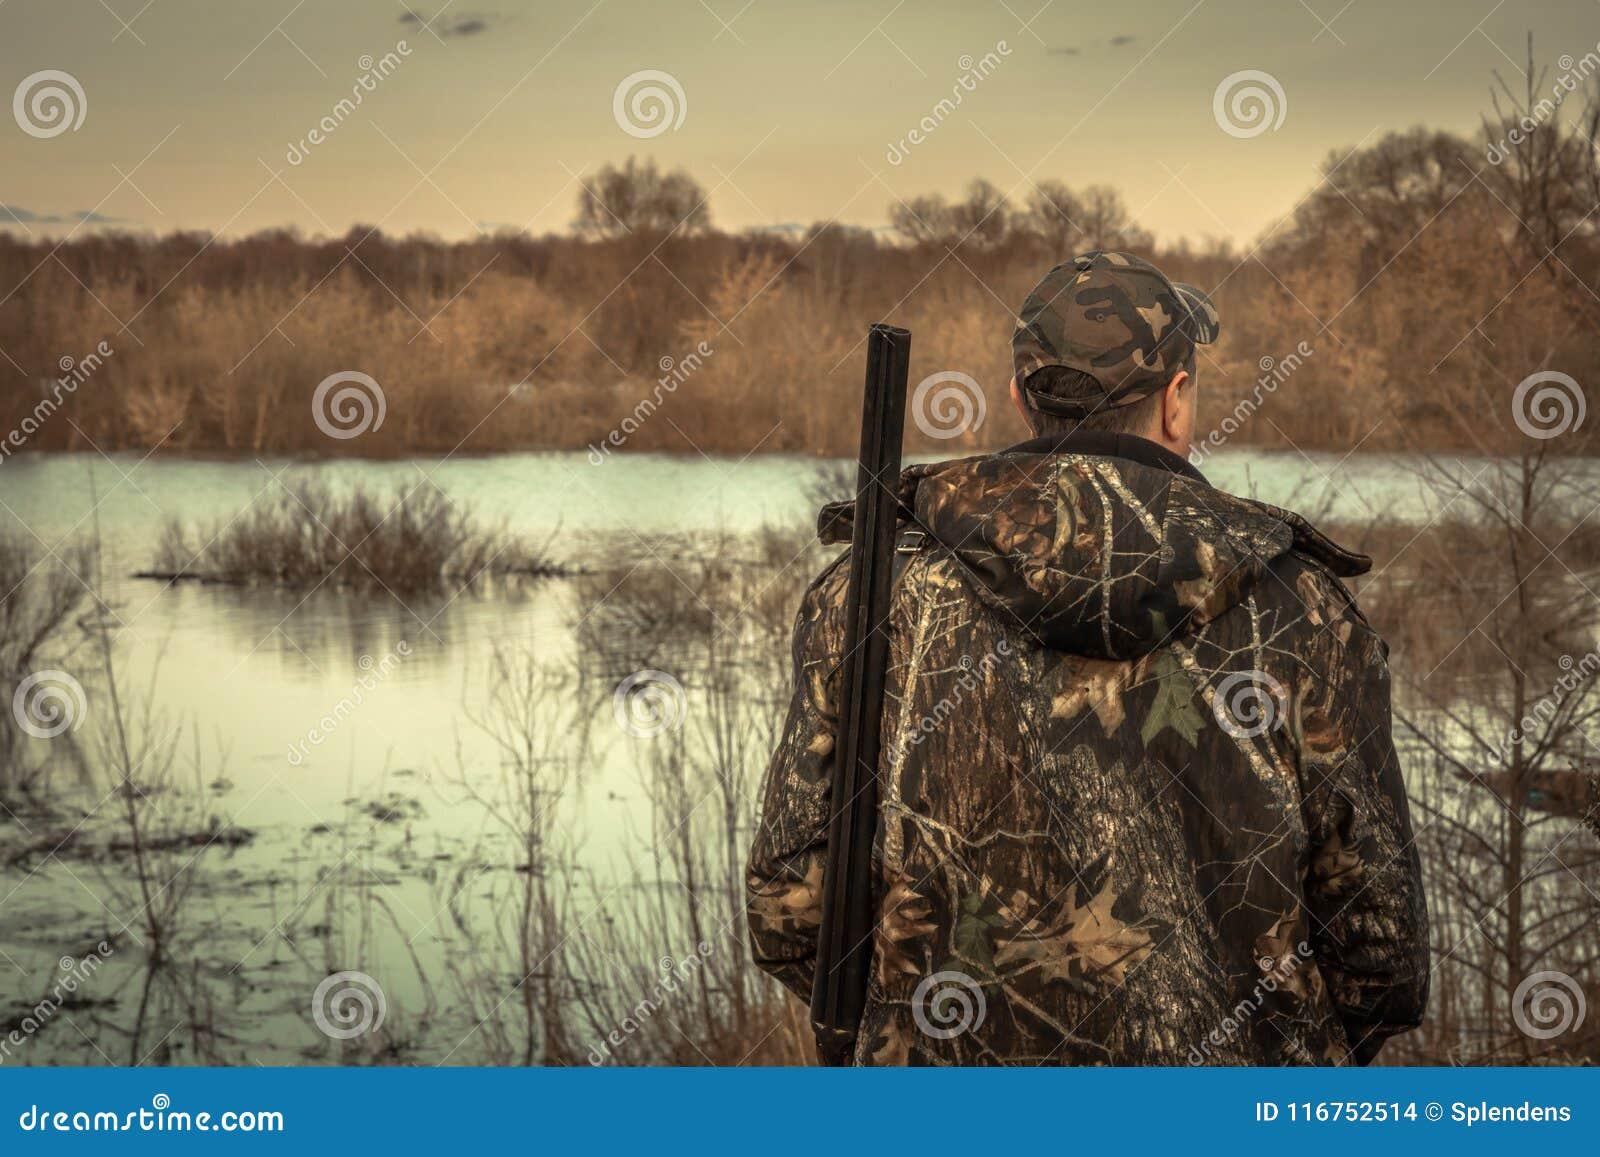 Κάλυψη κυνηγετικών όπλων ατόμων κυνηγών που ερευνά το οπισθοσκόπο ηλιοβασίλεμα εποχής κυνηγιού ποταμών πλημμυρών